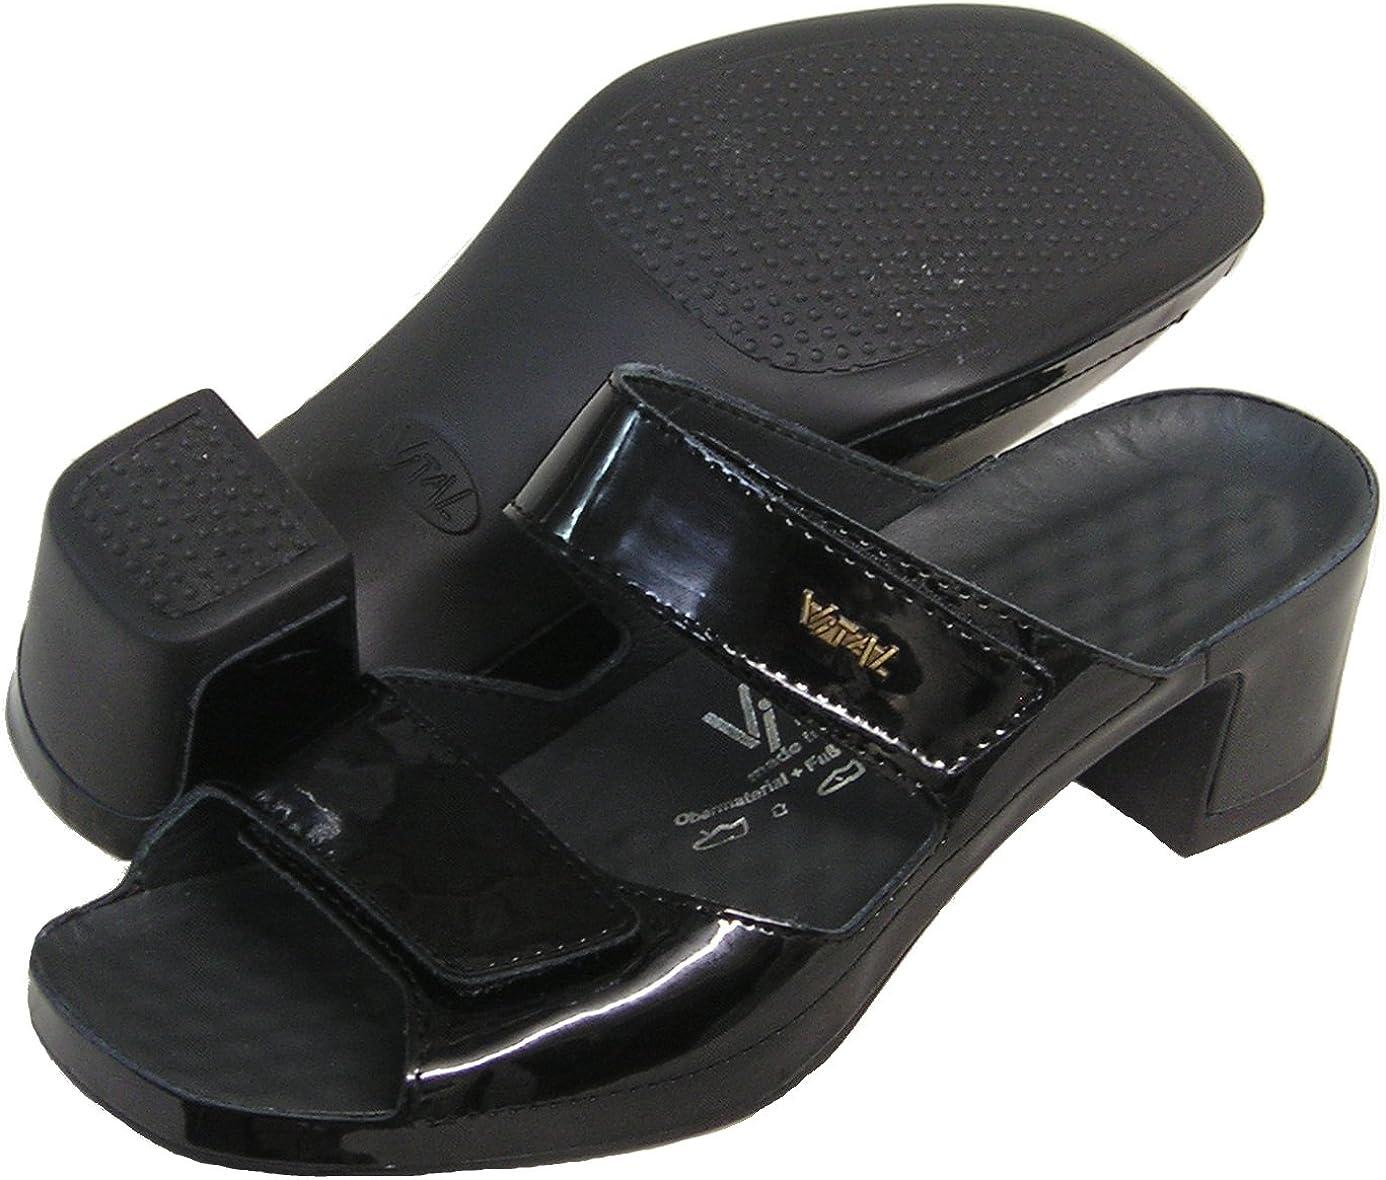 Vital Women's Patent Leather Dress Slide Sandal (Black/Patent)